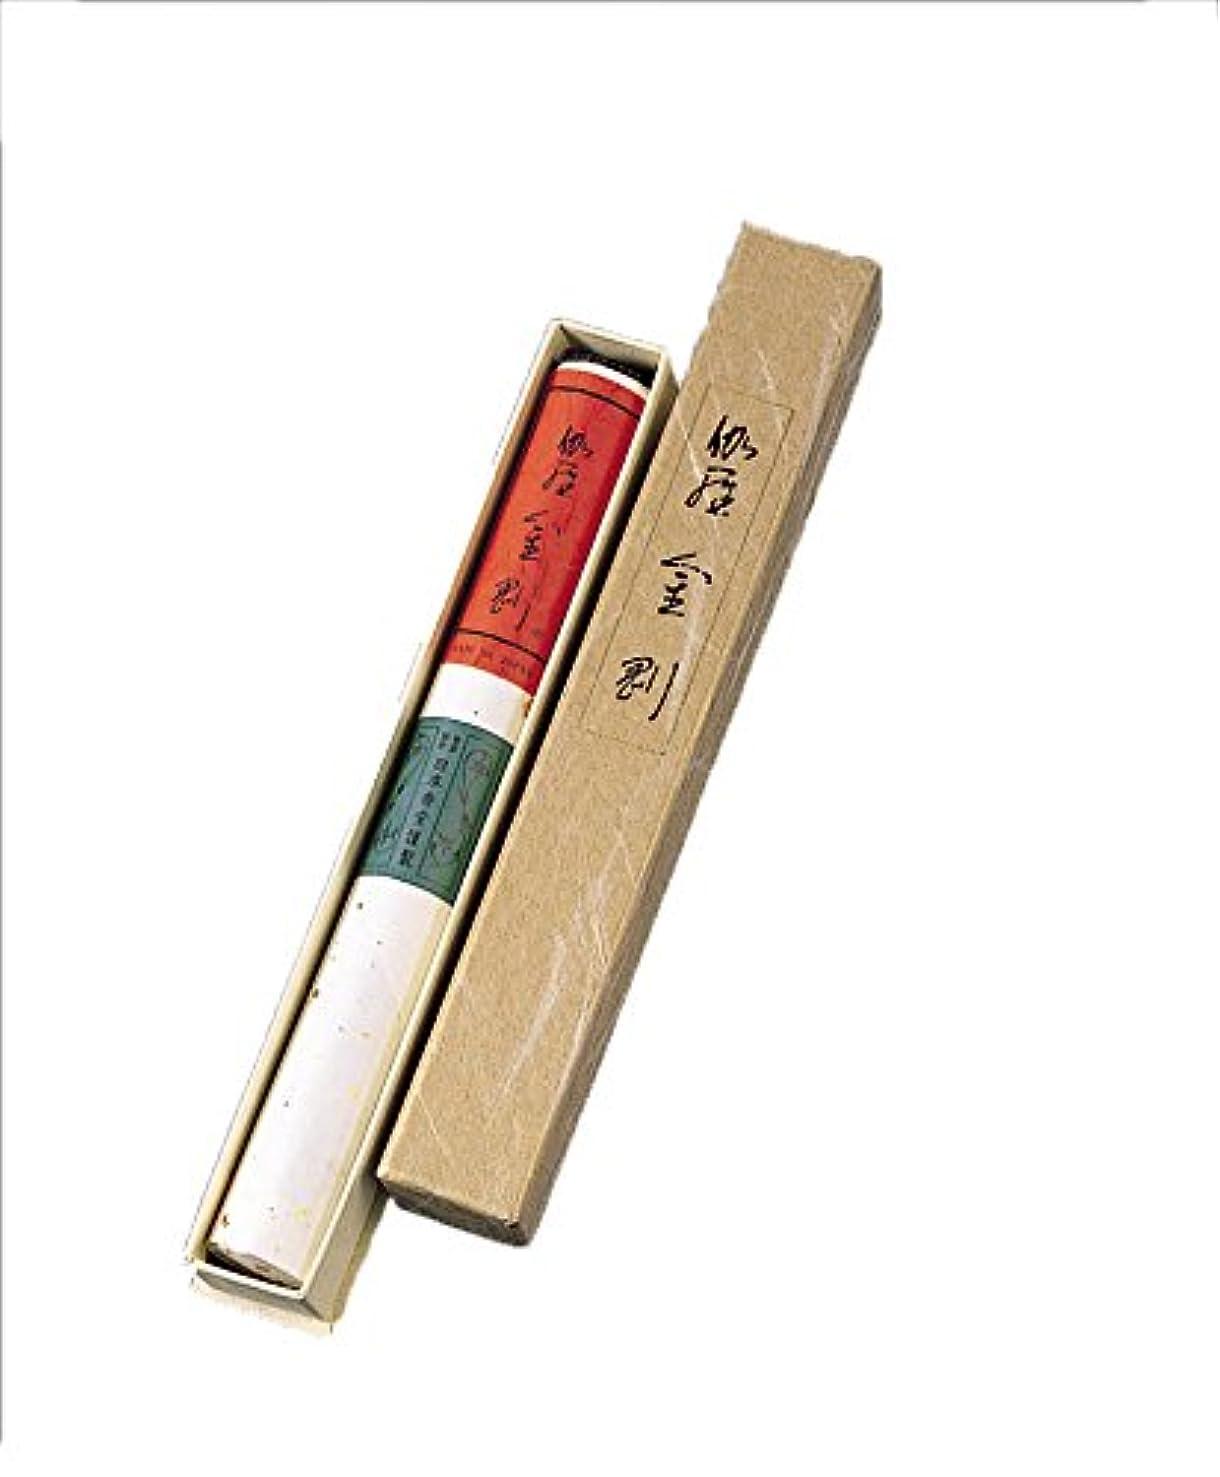 ピグマリオン牛肉インシュレータNippon Kodo – Kyara Kongo – 選択したAloeswood Long Stick Incense 100 Sticks